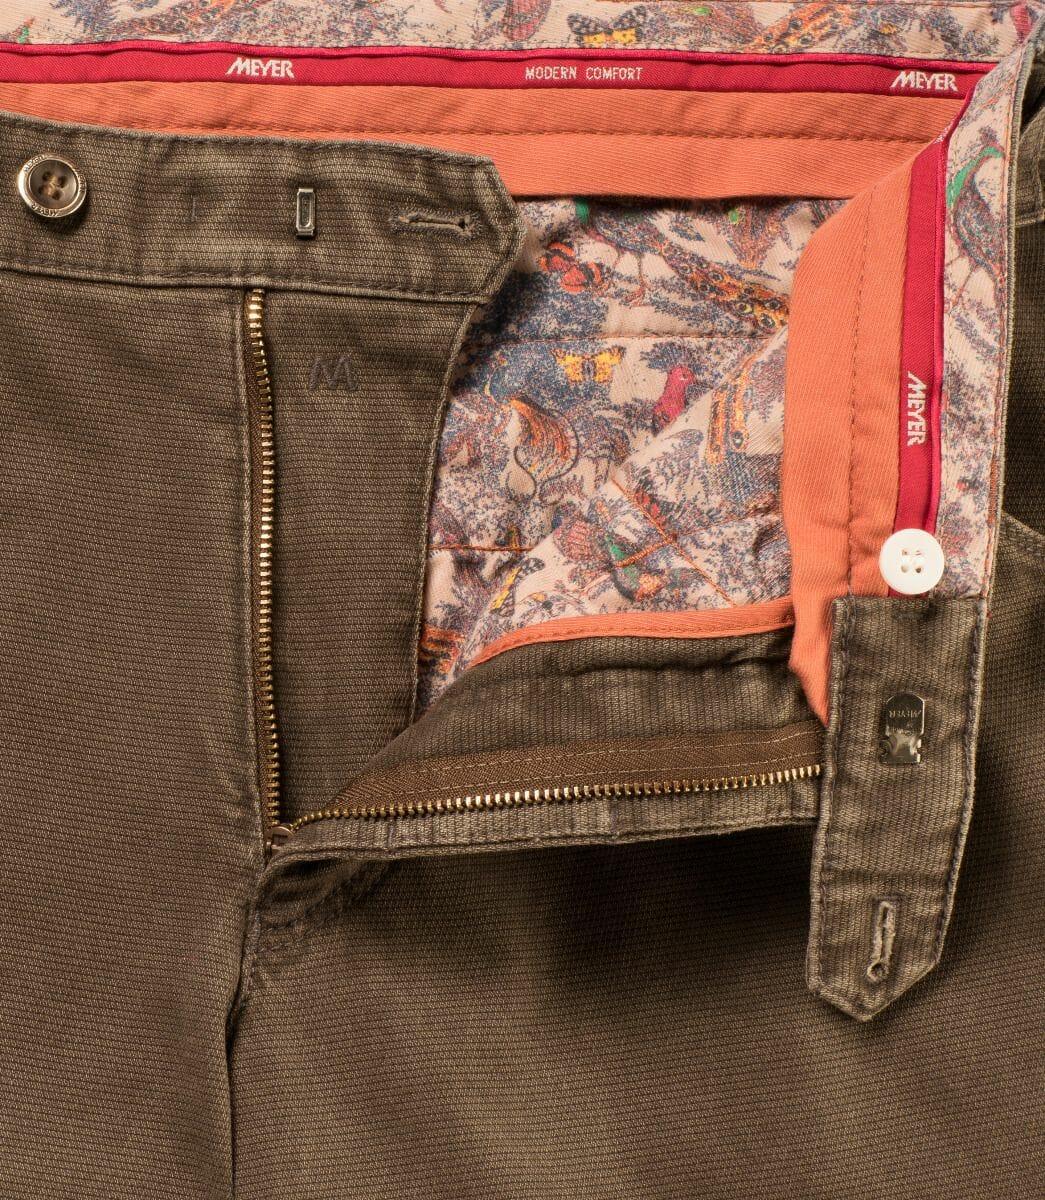 meyer hw17 chicago 5533 35 Inside detail - - Con Murphys Menswear